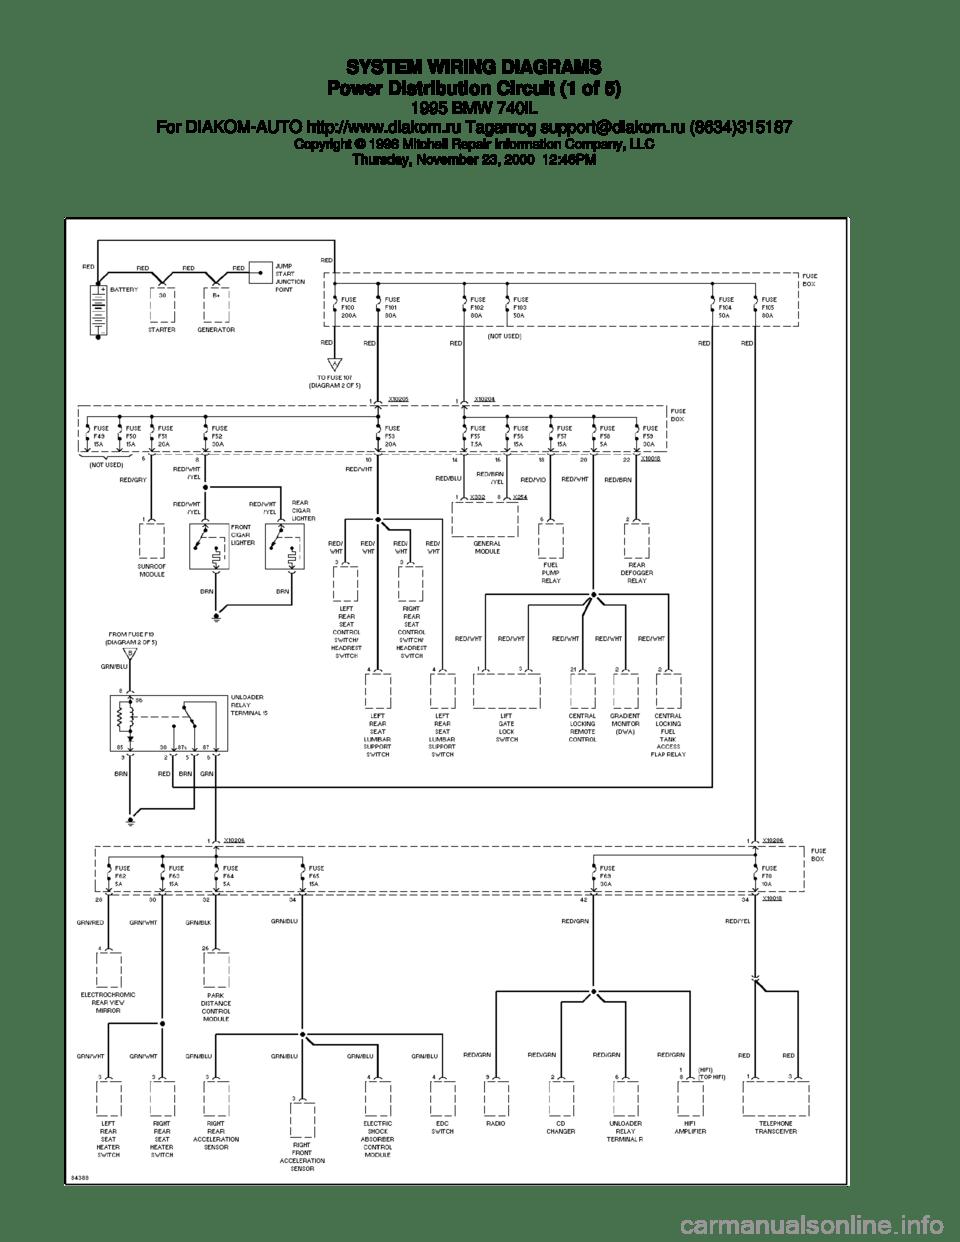 medium resolution of 1999 bluebird wiring diagram bluebird print wiring diagram 2000 bluebird bus wiring diagram 1999 bluebird bus wiring diagram